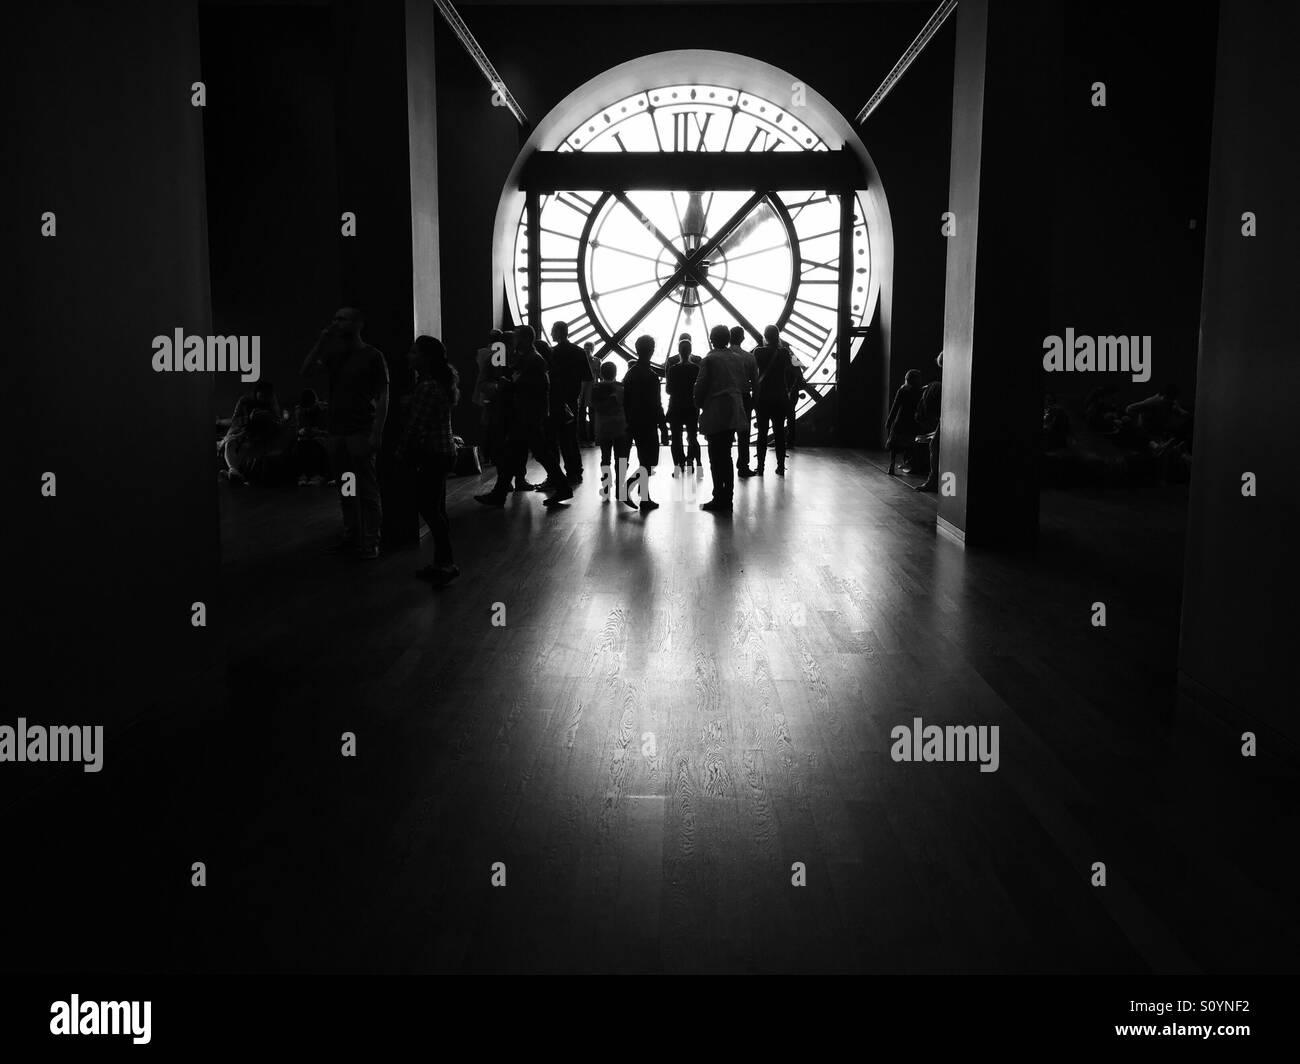 La célèbre horloge à l'intérieur du musée d Orsay à Paris, France avec une foule Photo Stock